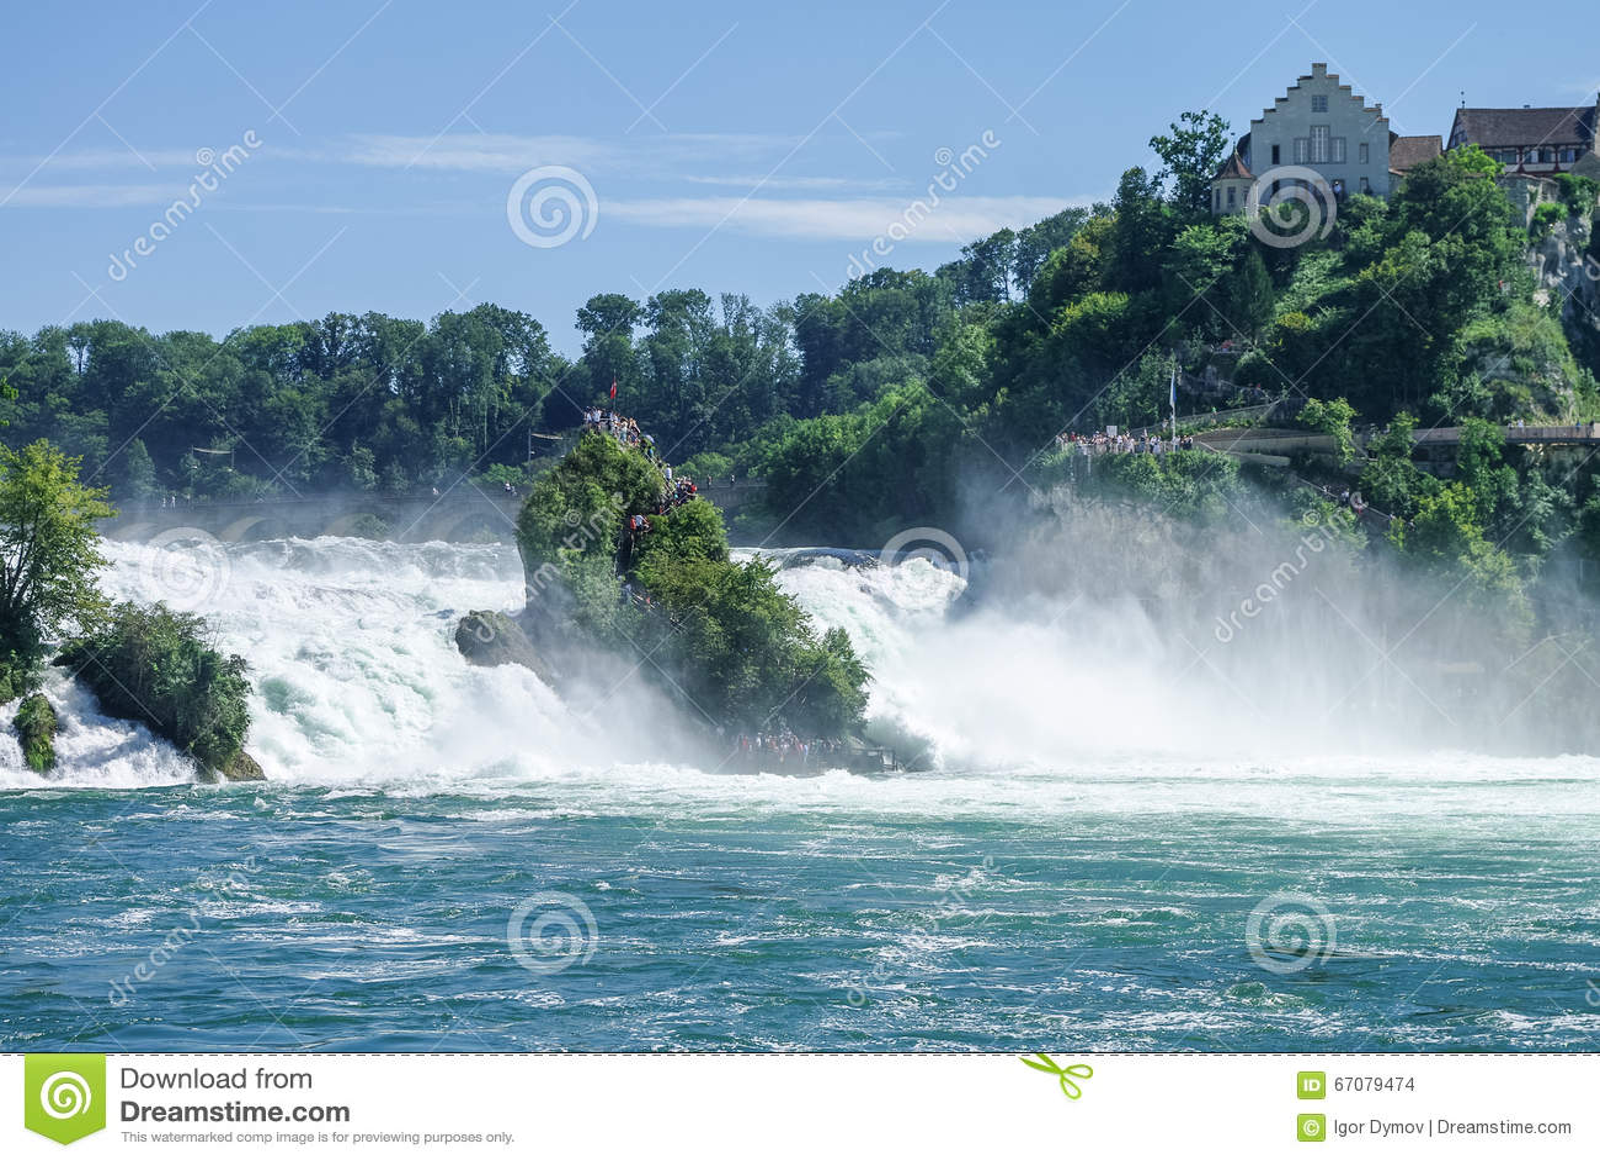 De Watervallen Van Schaffhausen.De Rijn Dalingen Is De Grootste Waterval In Europa